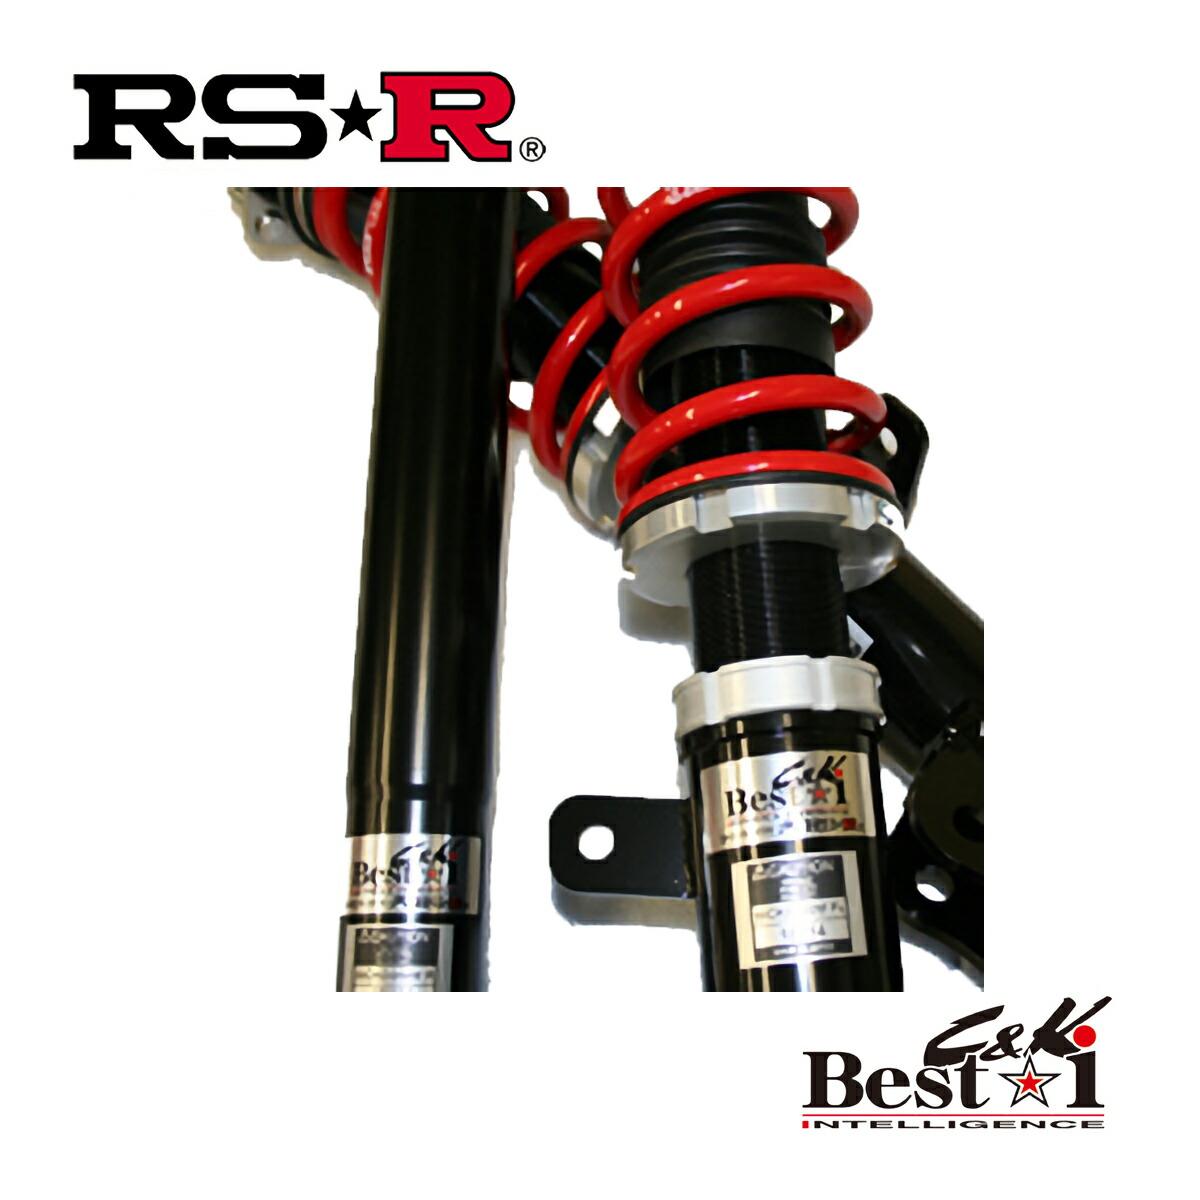 RS-R N-BOXカスタム G・Lターボ ホンダセンシング JF3 車高調 リア車高調整:ネジ式 BICKH425M ベストi C&K RSR 個人宅発送追金有